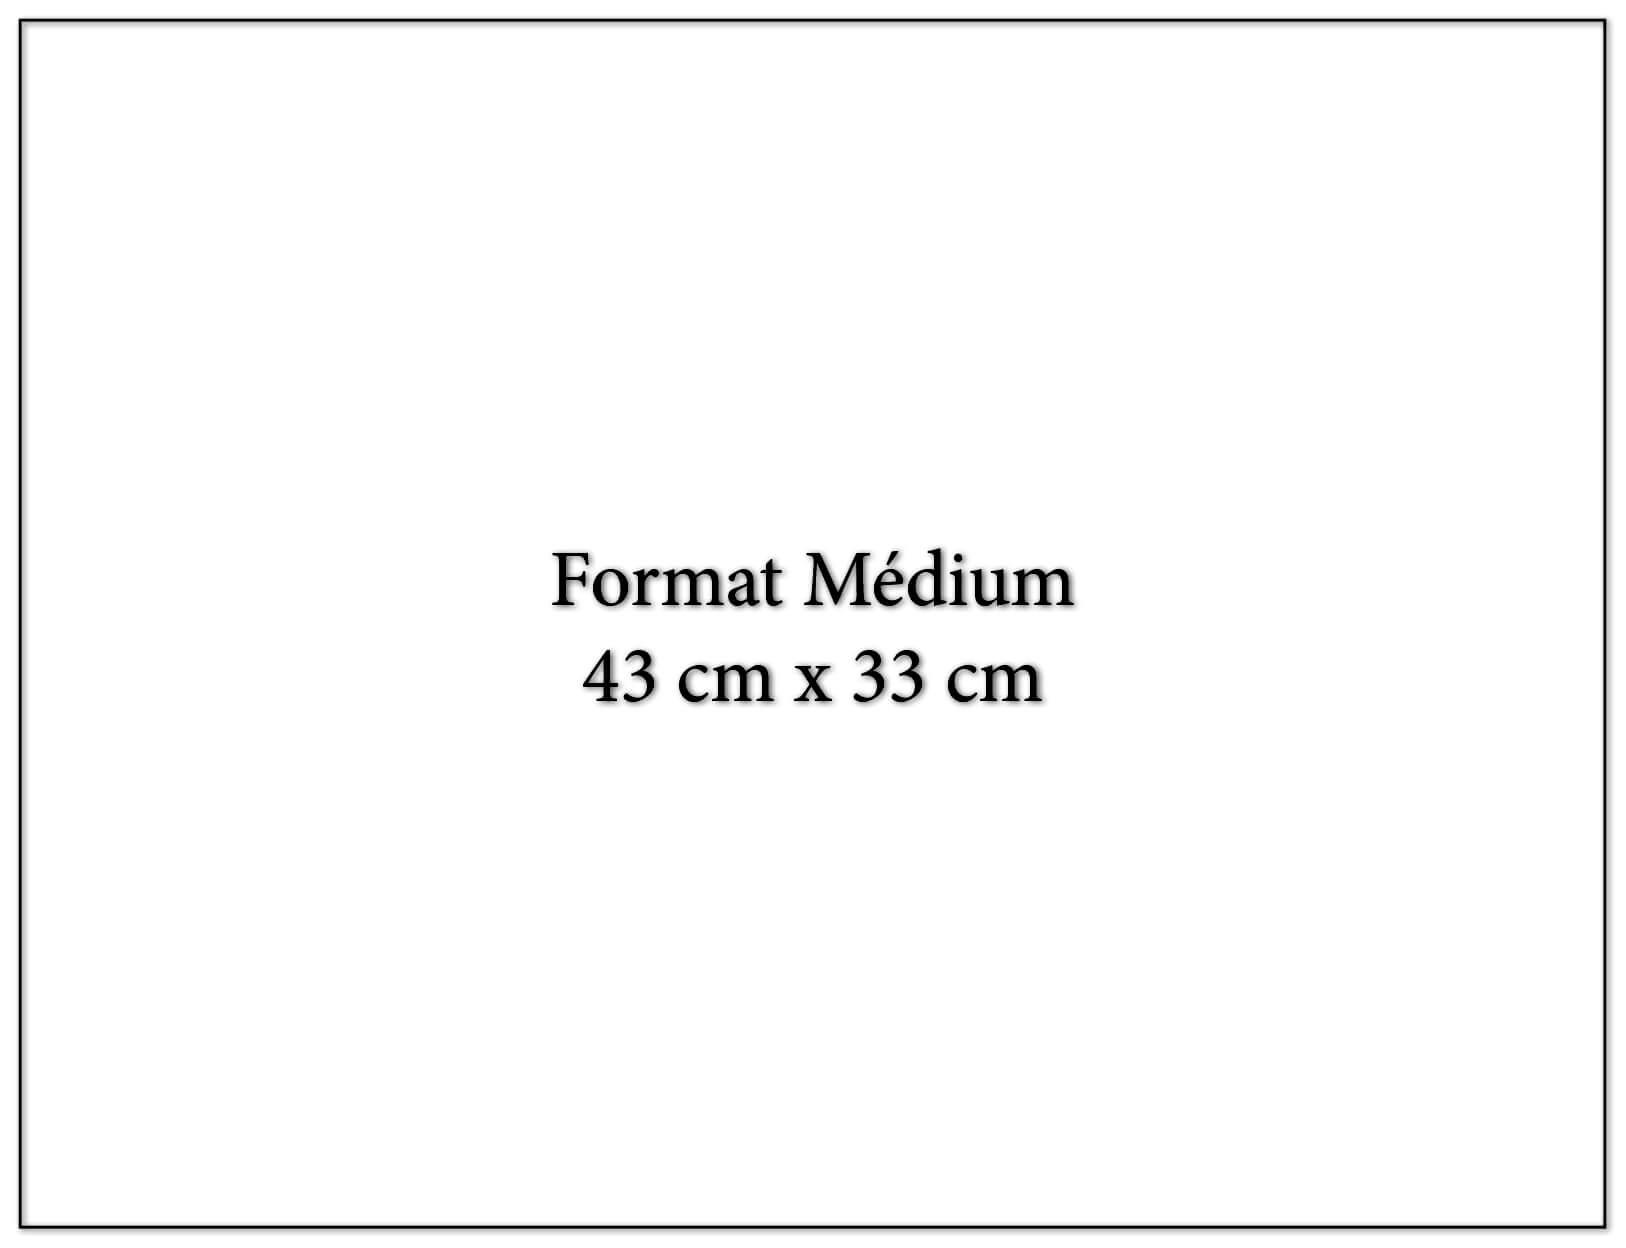 Calendrier publicitaire fomat médium 43x33cm